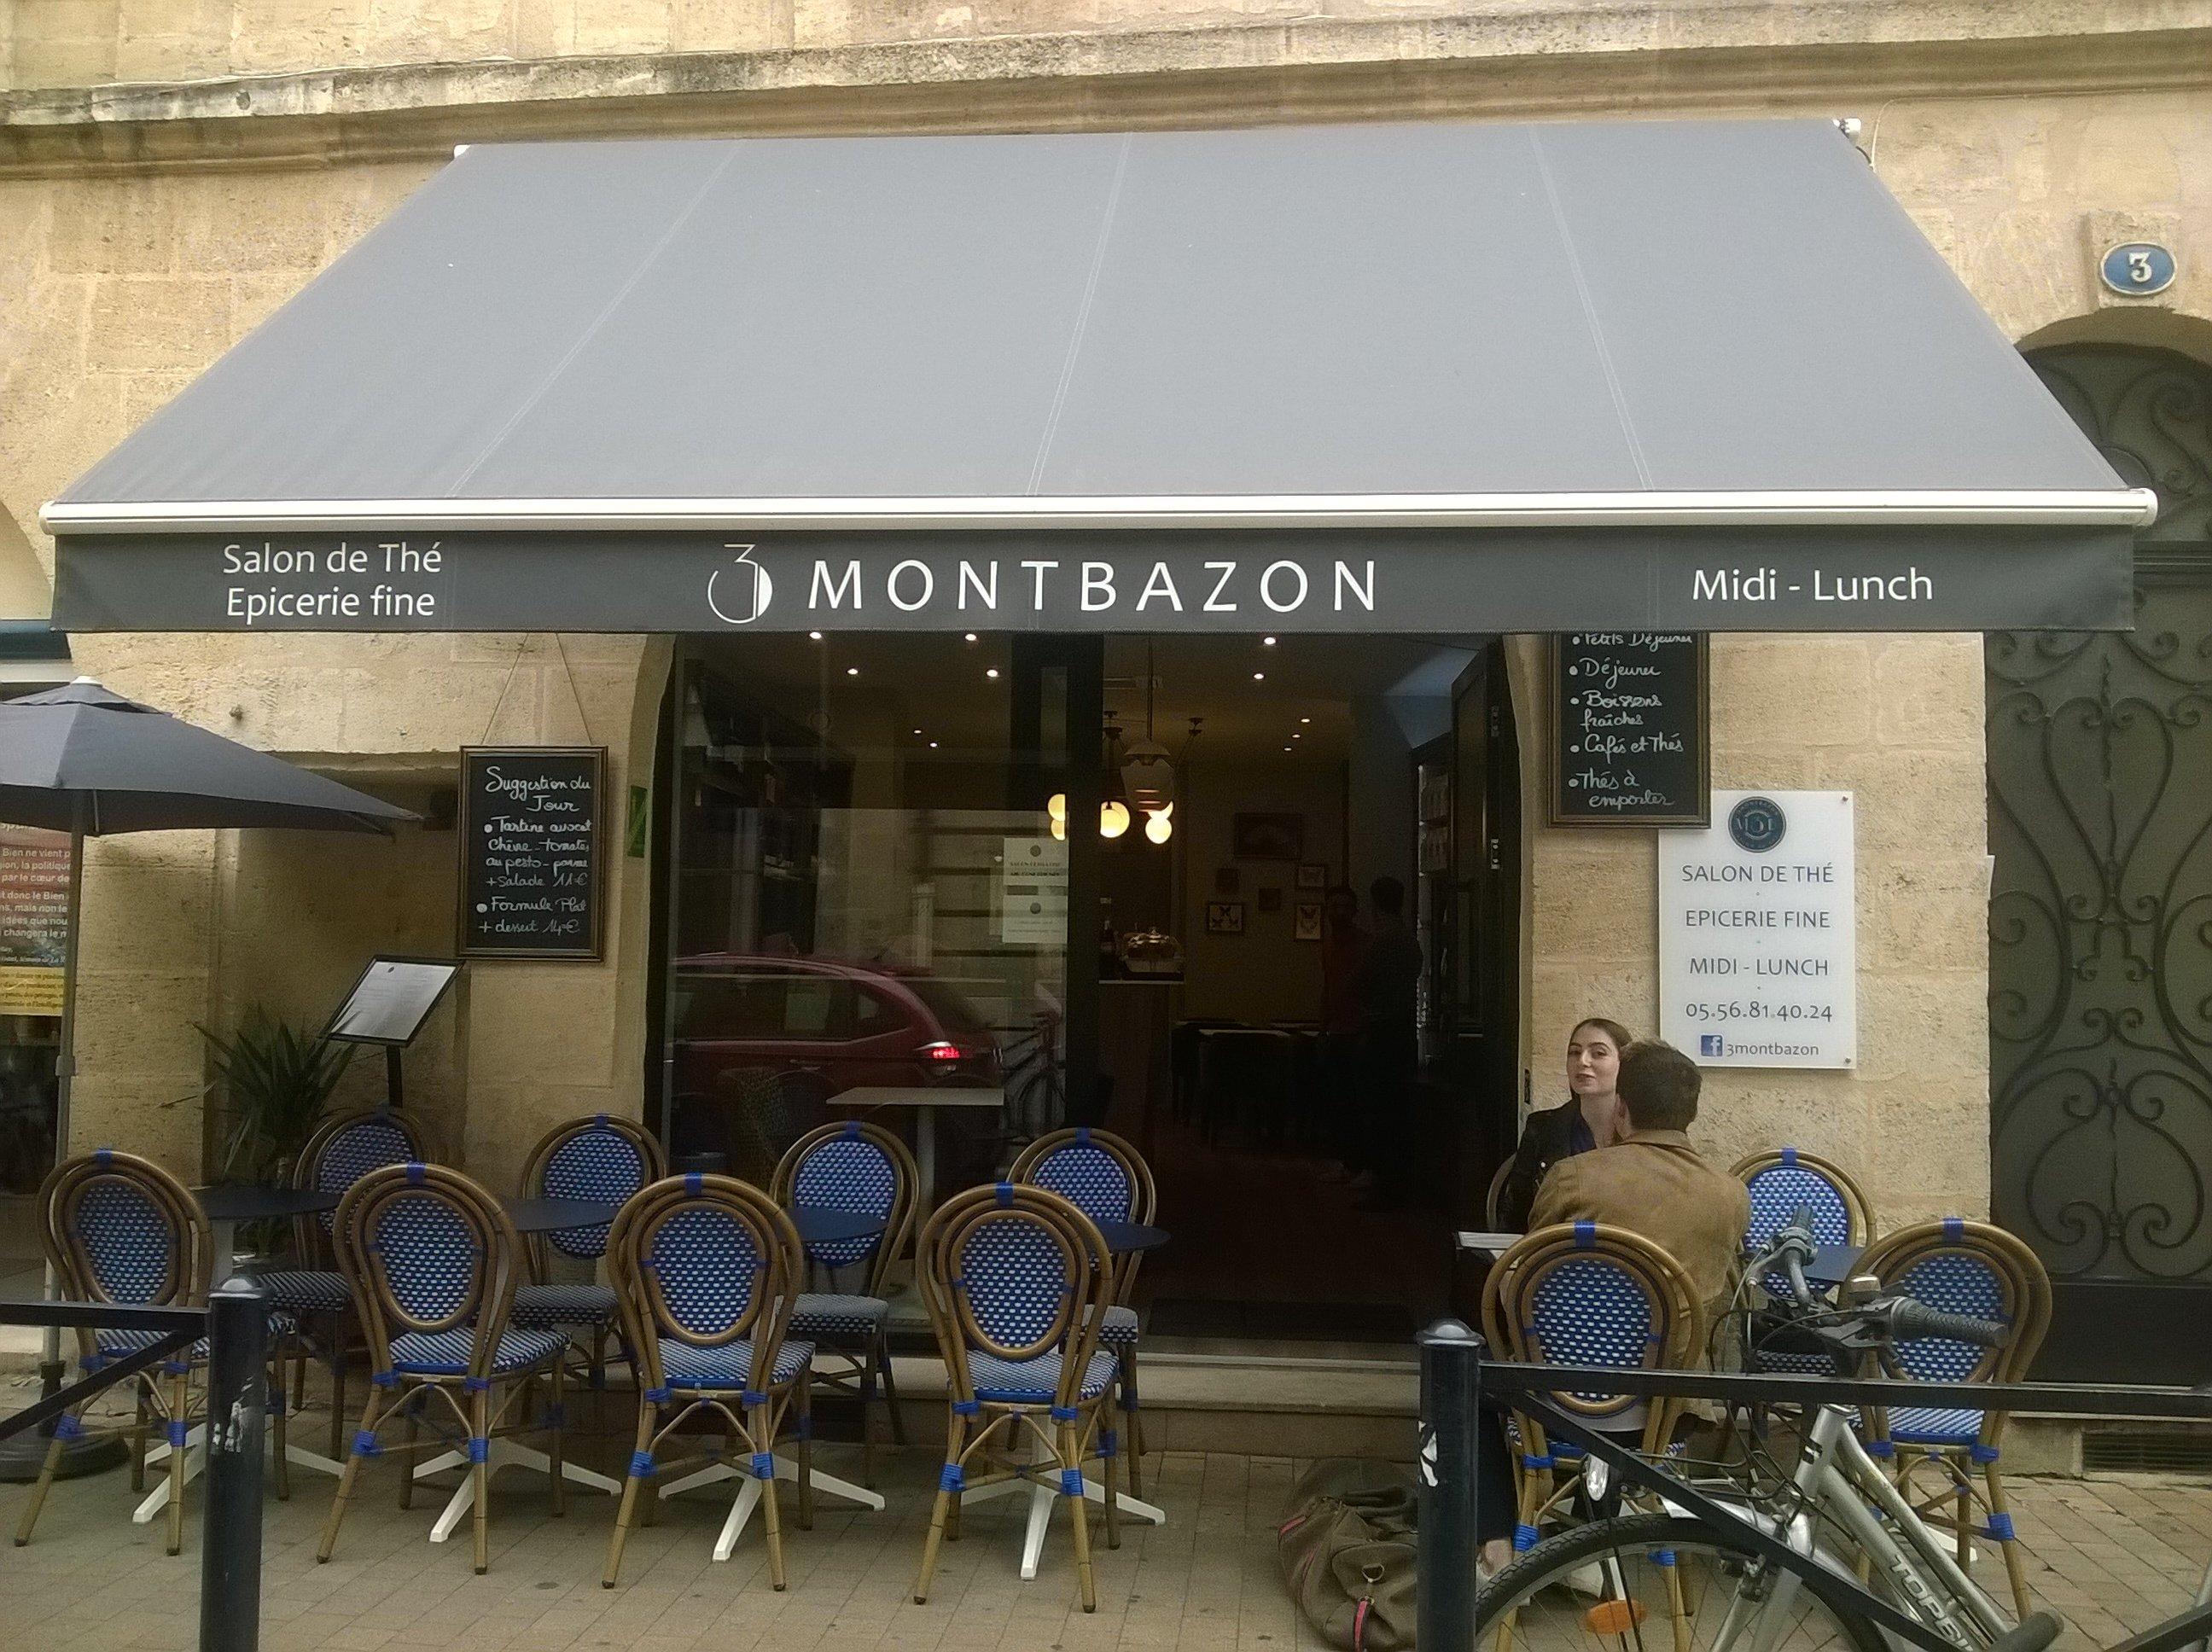 Le 3 Montbazon : un salon de thé british